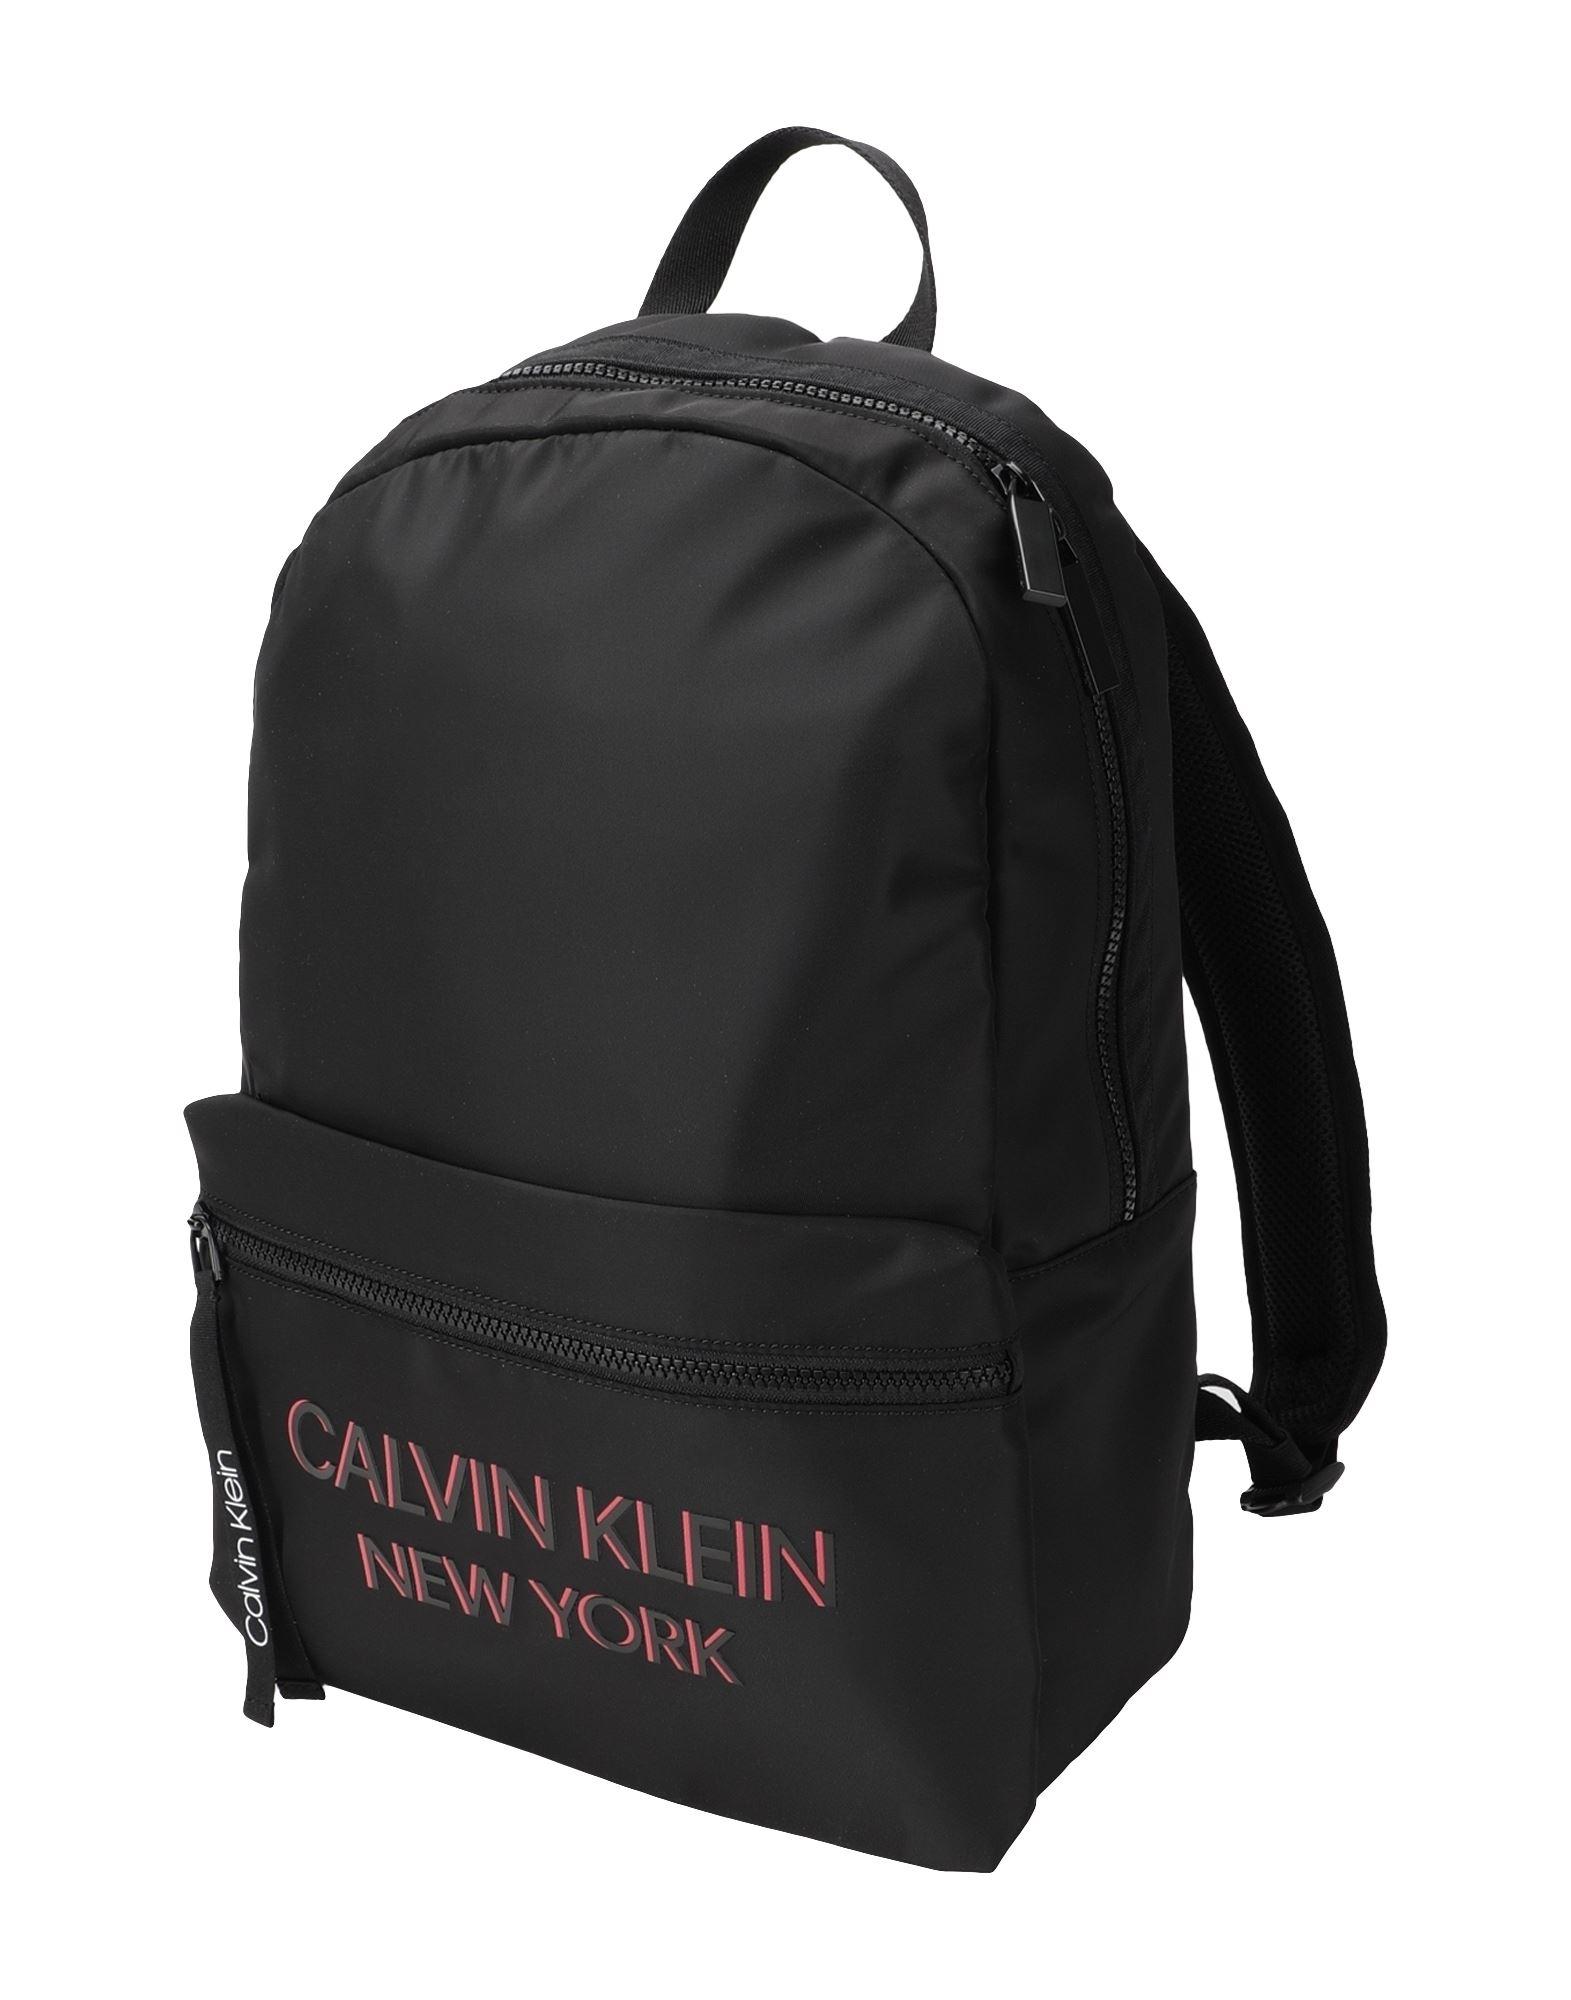 CALVIN KLEIN カルバン クライン メンズ バックパック campus bp ny ブラック - コーラル